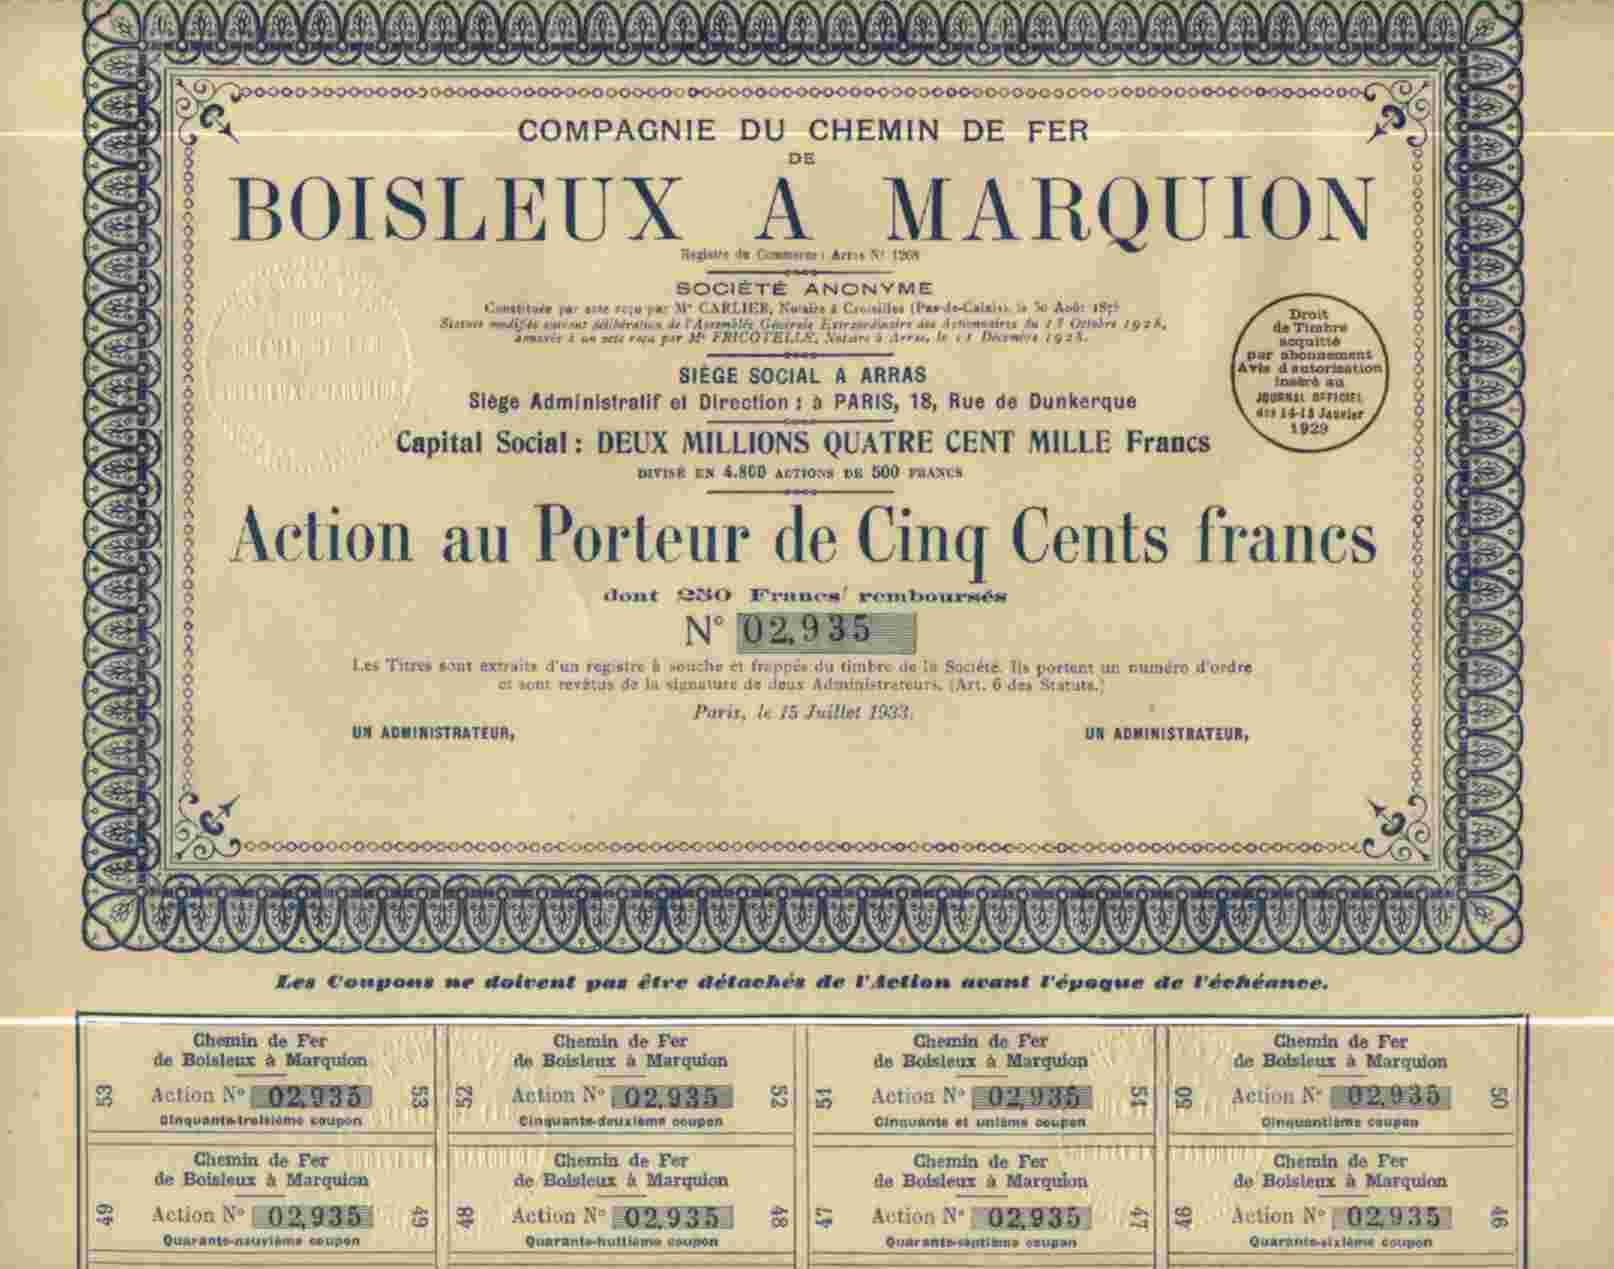 CIE DU CHEMIN DE FER DE BOISLEUX A MARQUION - Chemin De Fer & Tramway